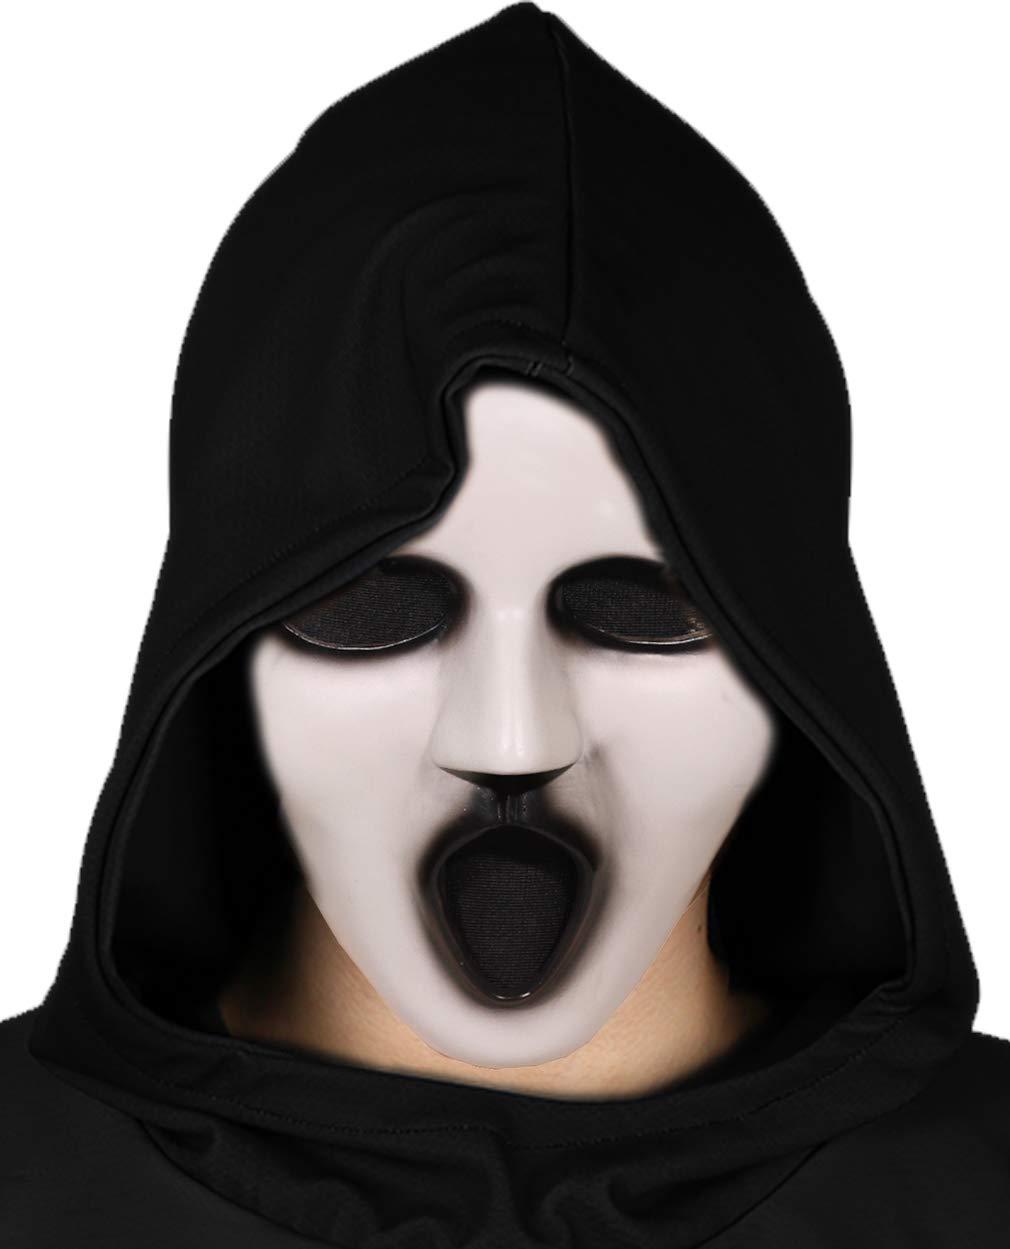 Wellgift Halloween Scream Masque Cosplay Costume Fantôme Plein Visage Parodie Casque Brandon Choquant Soutenir Déguisement Accessoires pour Adulte Unisexe